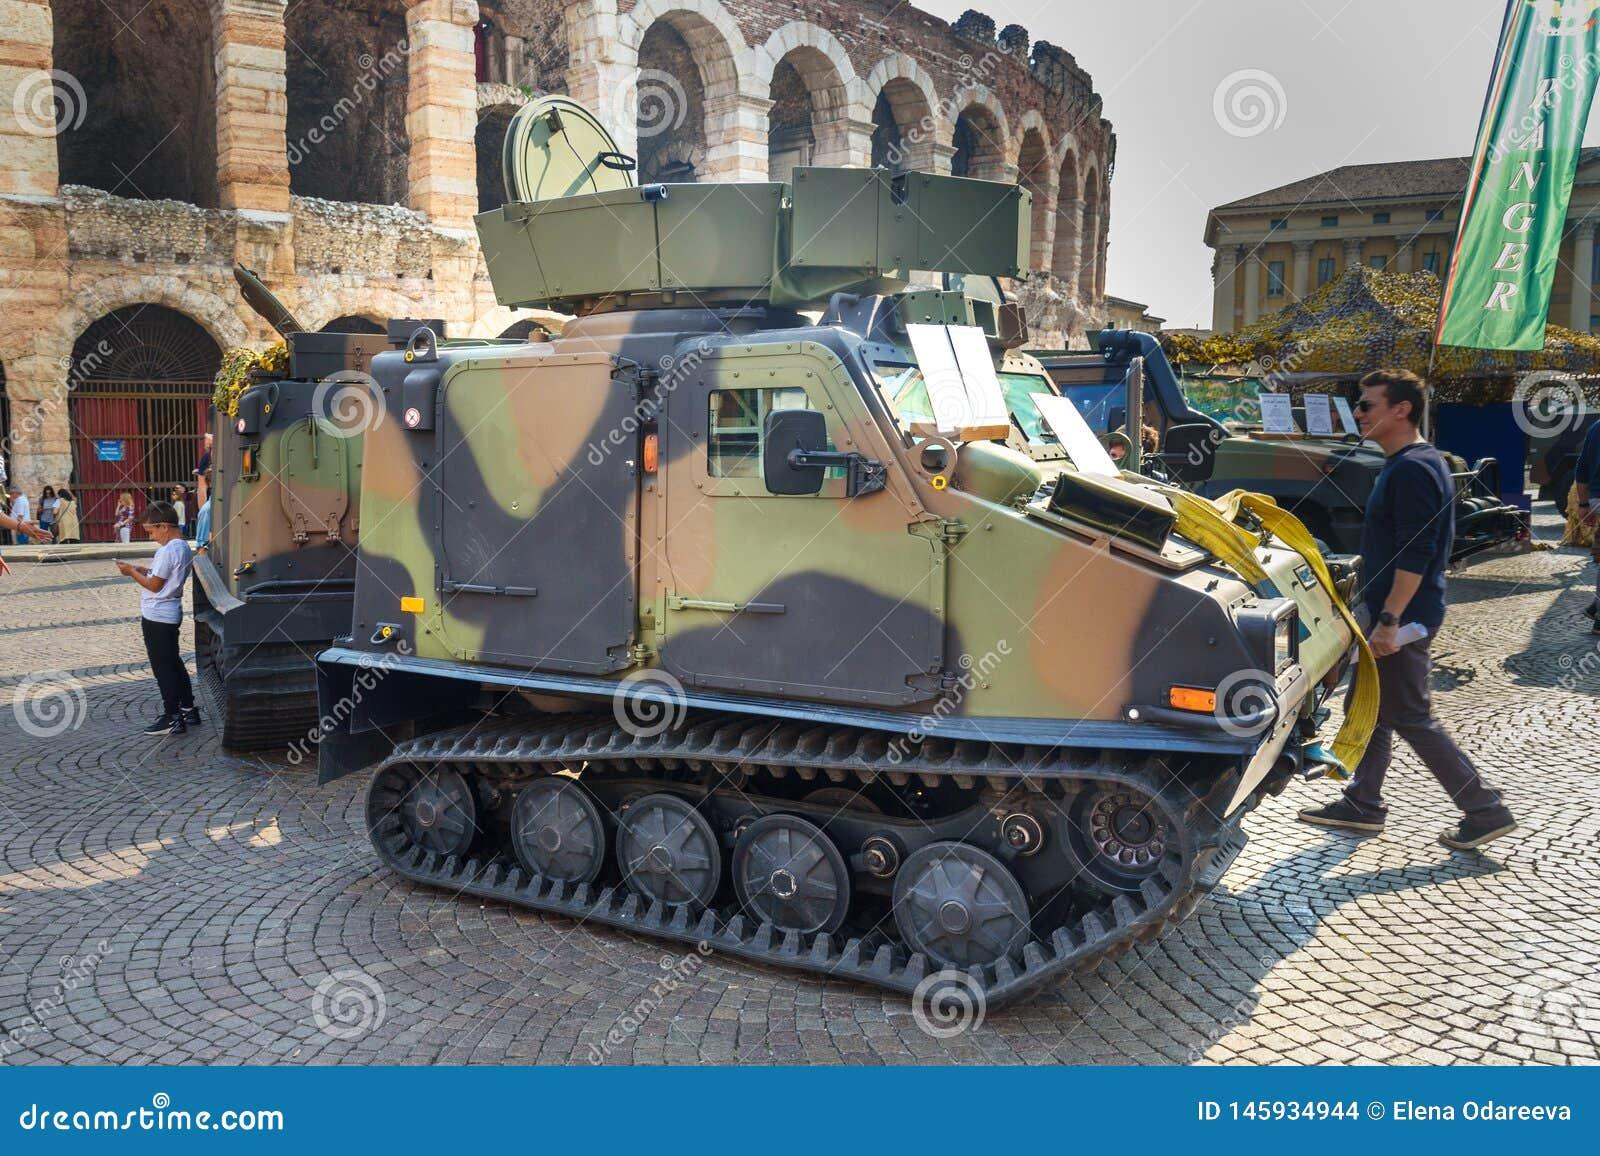 Το Bandvagn 206 είναι ακολουθημένος αρθρωμένος, για όλα τα εδάφη μεταφορέας που αναπτύσσεται από Hagglunds στην ανοικτή στρατιωτι